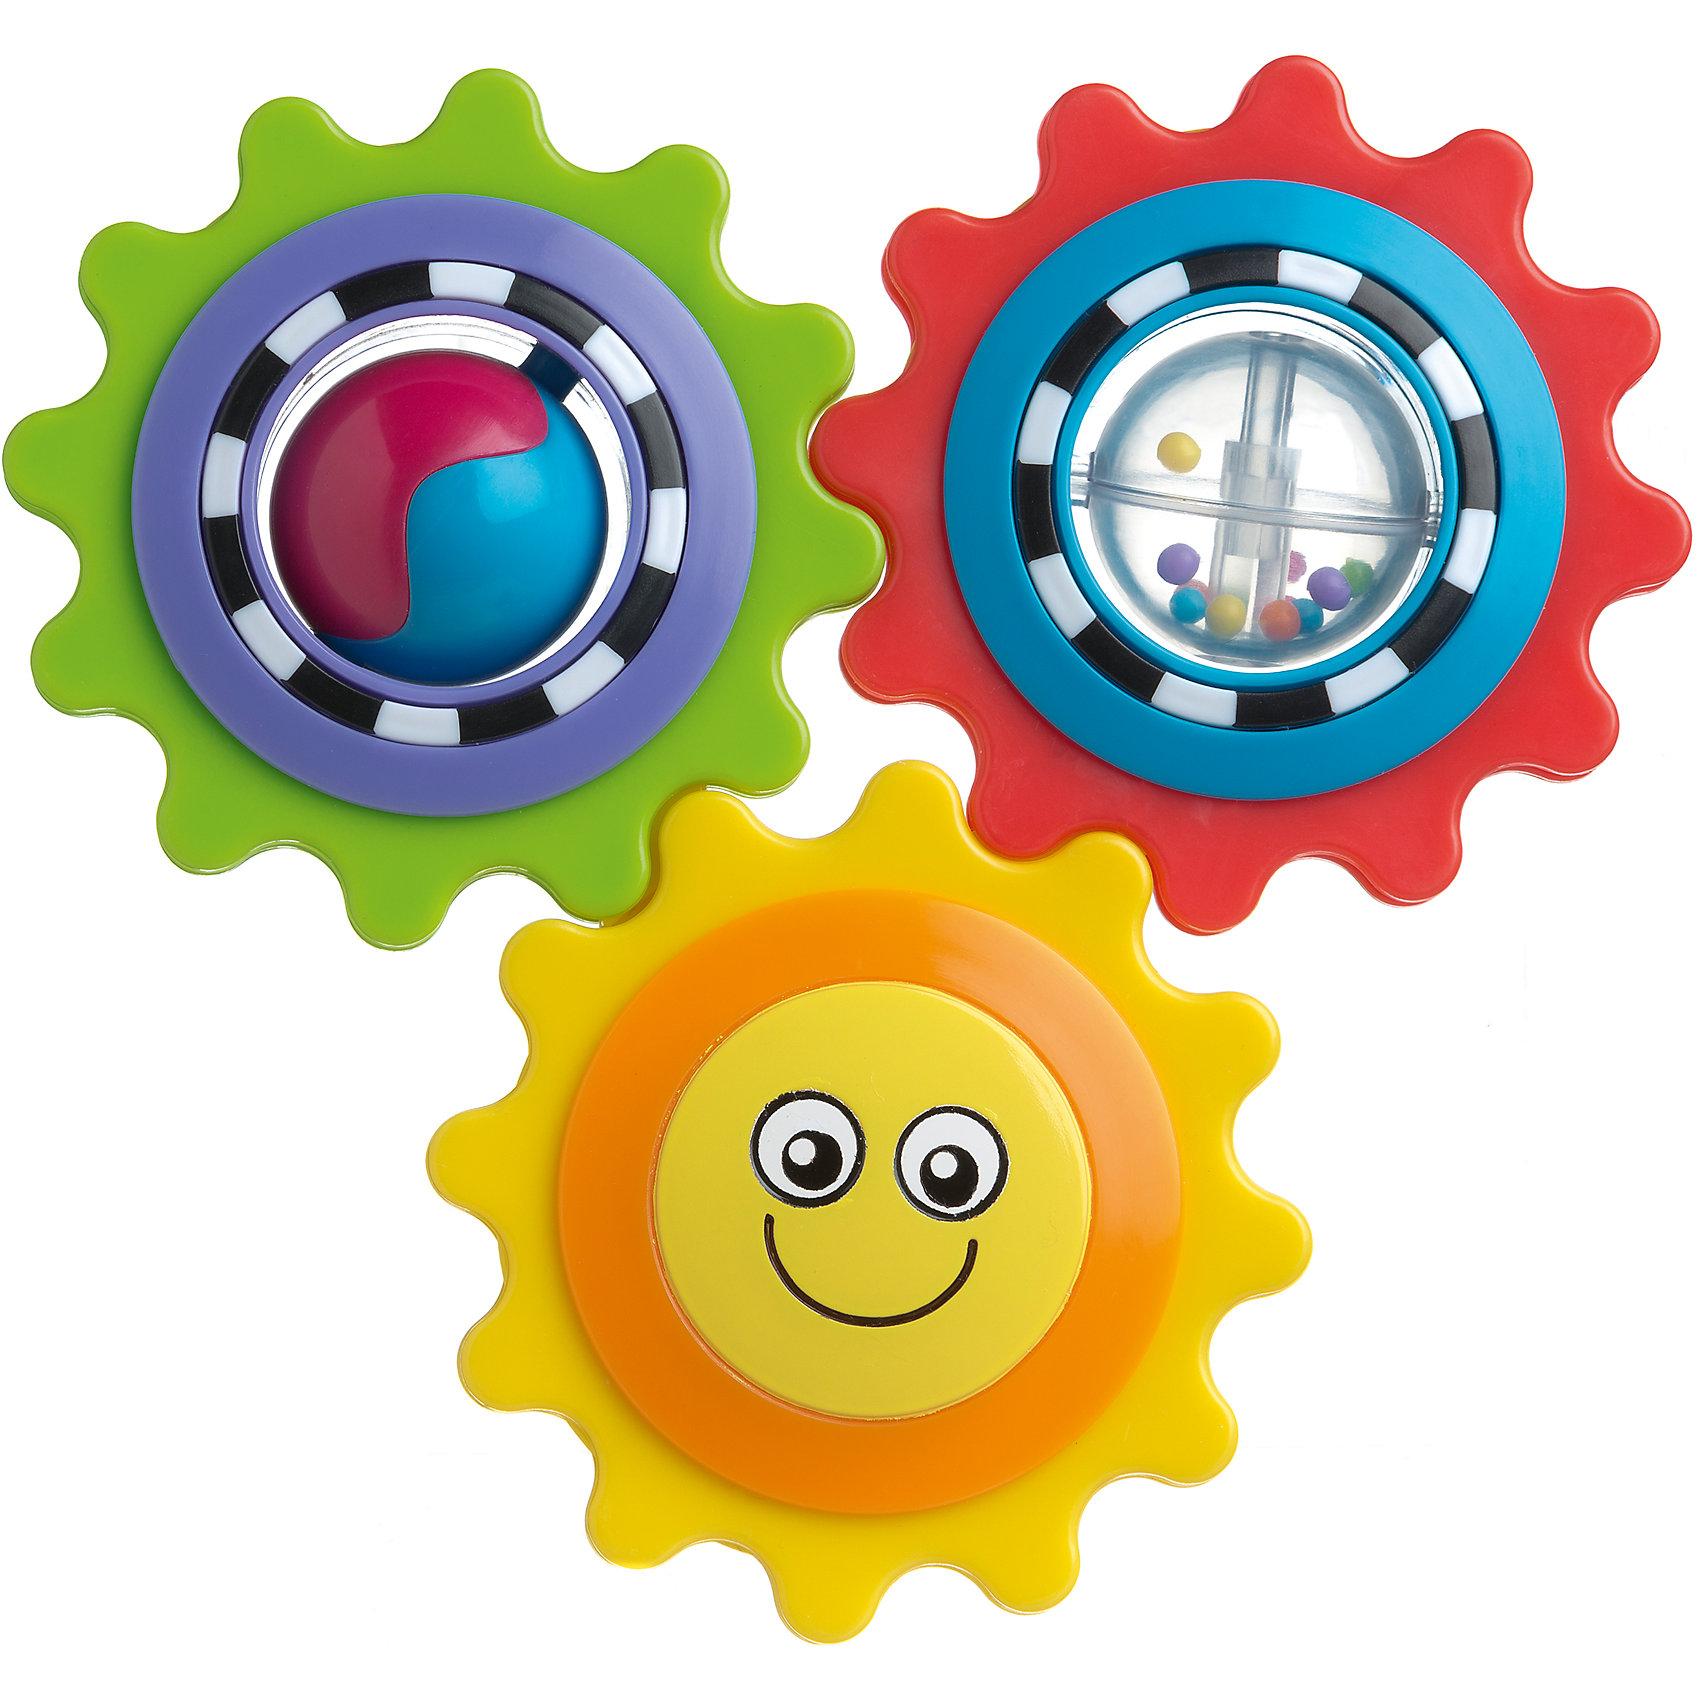 Игрушка развивающая Веселое солнышко, PlaygroИгрушка Веселое солнышко не только развеселит кроху, но и будет развивать его пространственное представление и воображение. Яркие и подвижные шестеренки будут концентрировать внимание малыша на мелких деталях. А благодаря безопасному зеркальцу на обратной стороне игрушки он сможет любоваться своим отражением.<br><br>Дополнительная информация:<br><br>- Возраст: от 9 месяцев до 2 лет<br>- Материал: пластик<br>- Размер: 8х1х22 см<br>- Вес: 0.11 кг<br><br>Игрушку развивающую Веселое солнышко, Playgro можно купить в нашем интернет-магазине.<br><br>Ширина мм: 80<br>Глубина мм: 10<br>Высота мм: 220<br>Вес г: 110<br>Возраст от месяцев: 9<br>Возраст до месяцев: 36<br>Пол: Унисекс<br>Возраст: Детский<br>SKU: 4779548